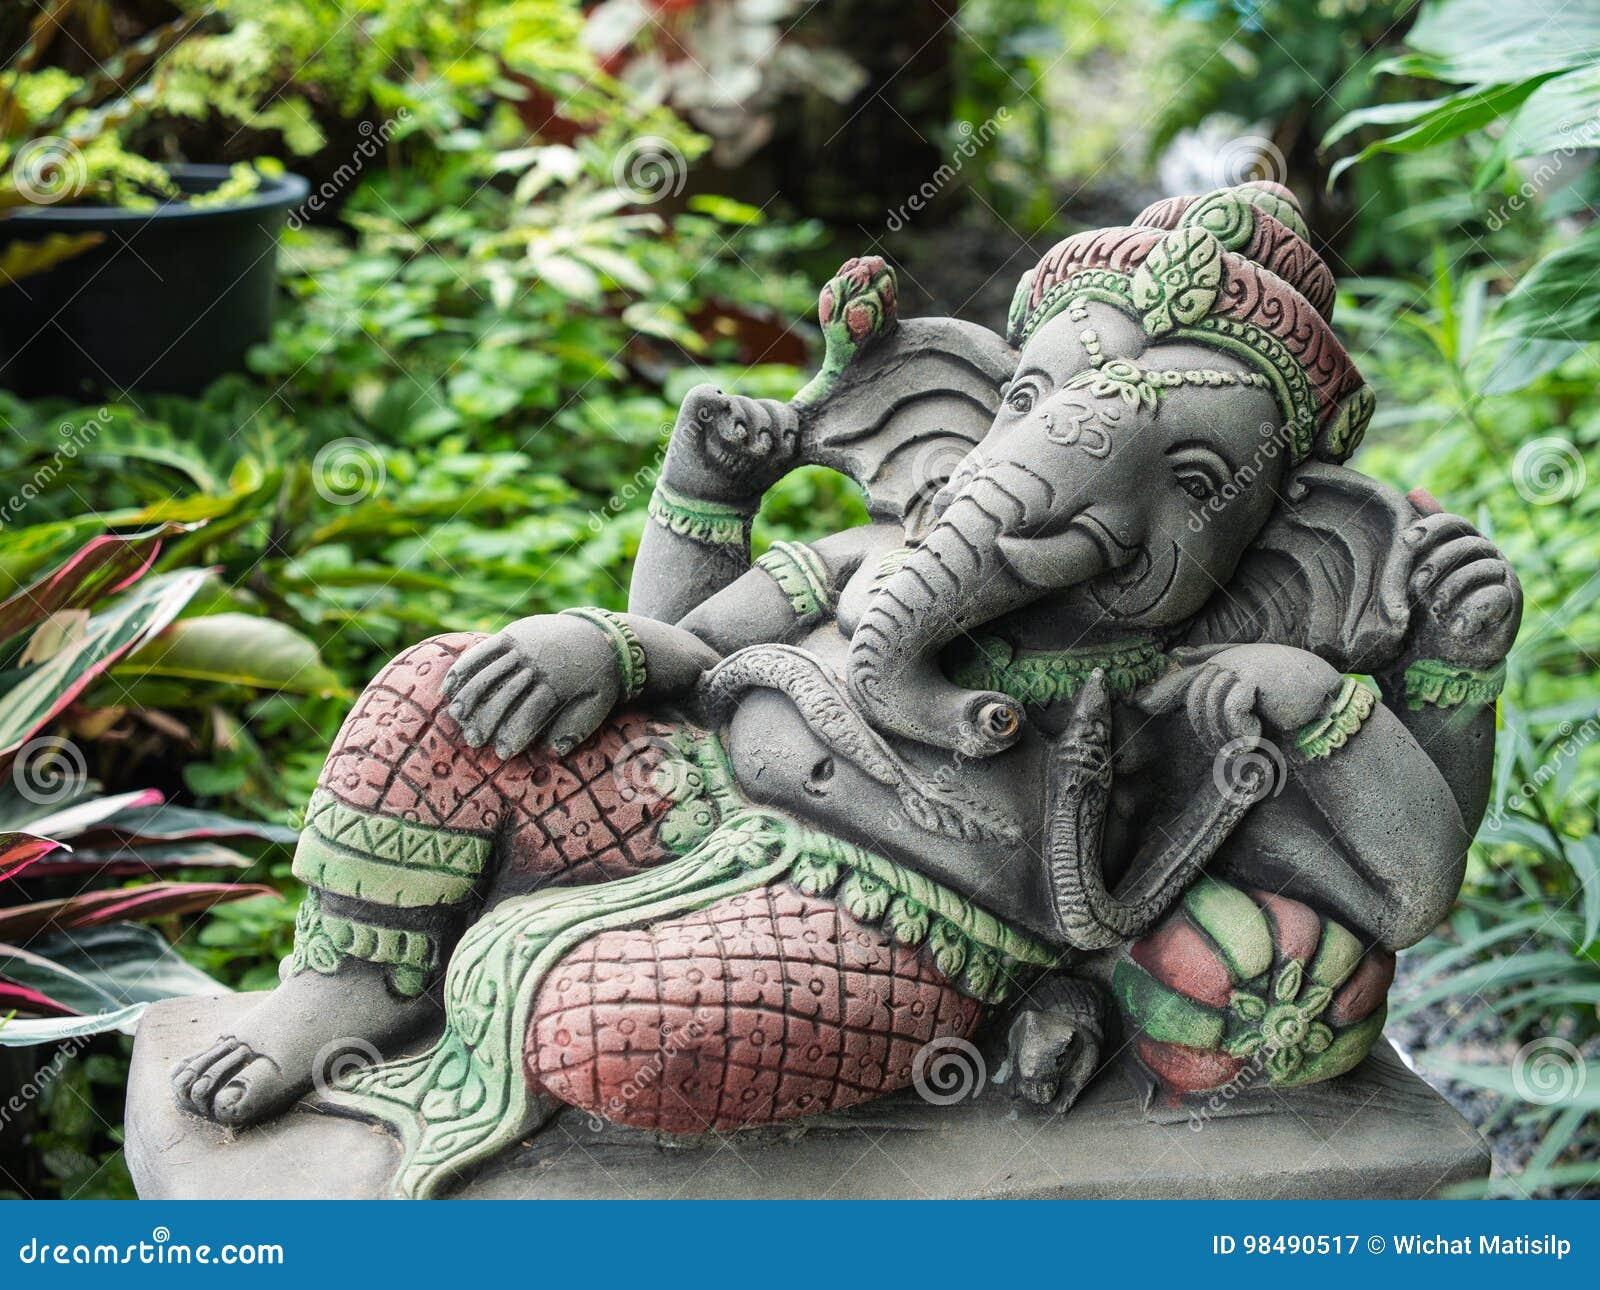 Ganesh Statue Sitting In The Garden